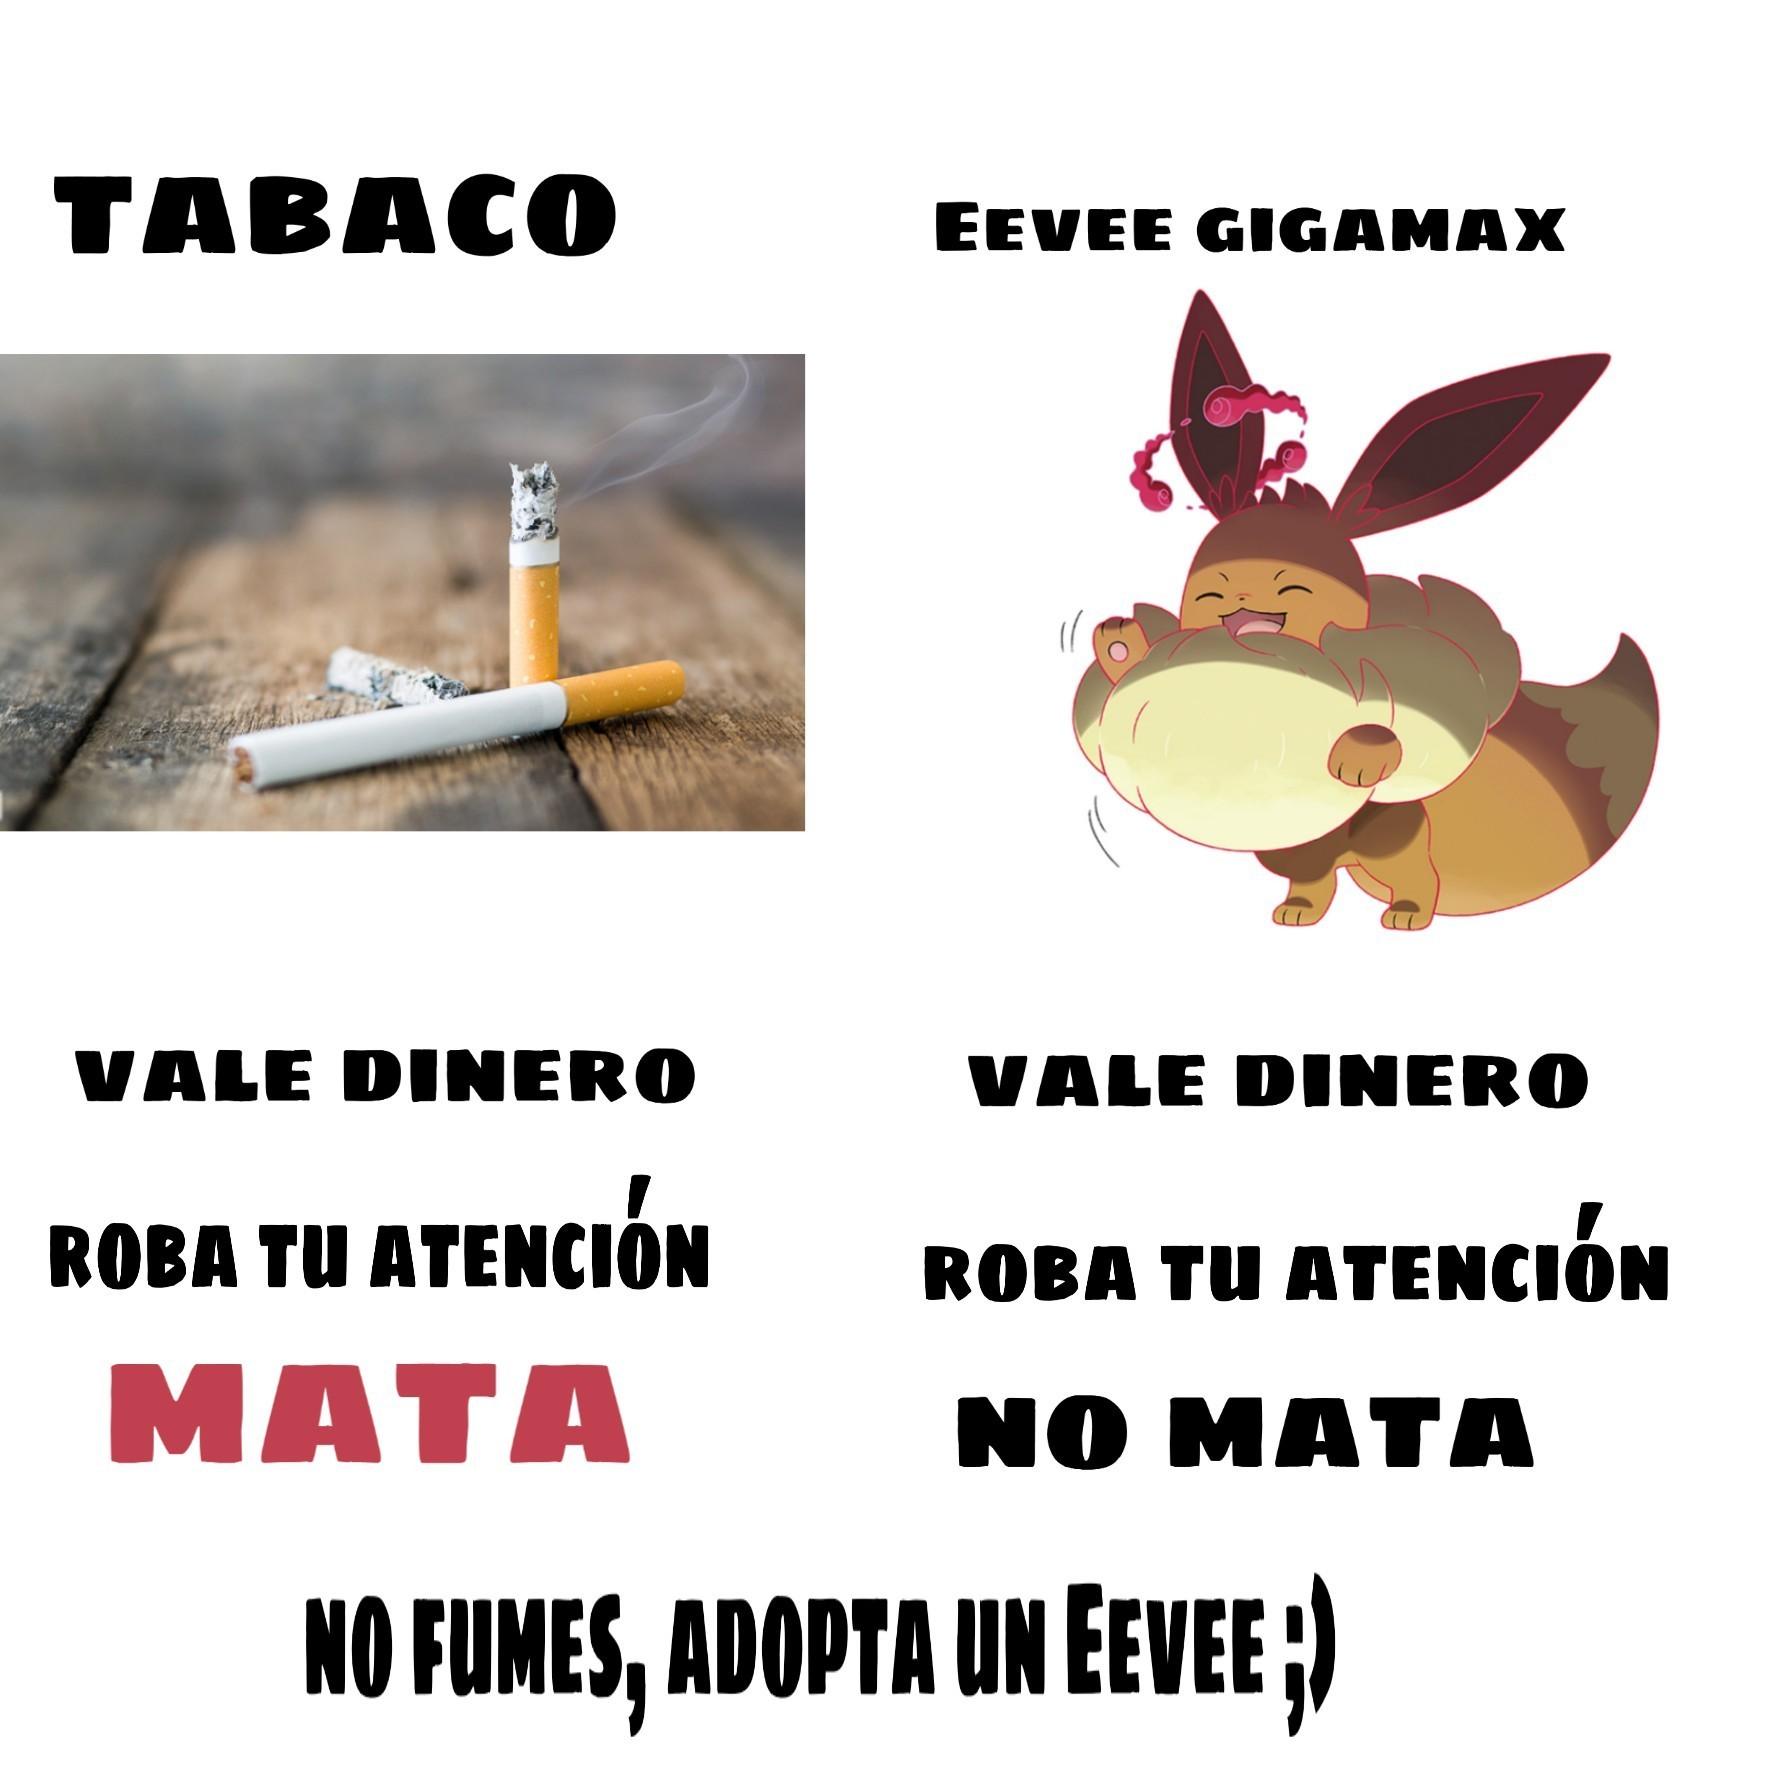 #Teameevee - meme